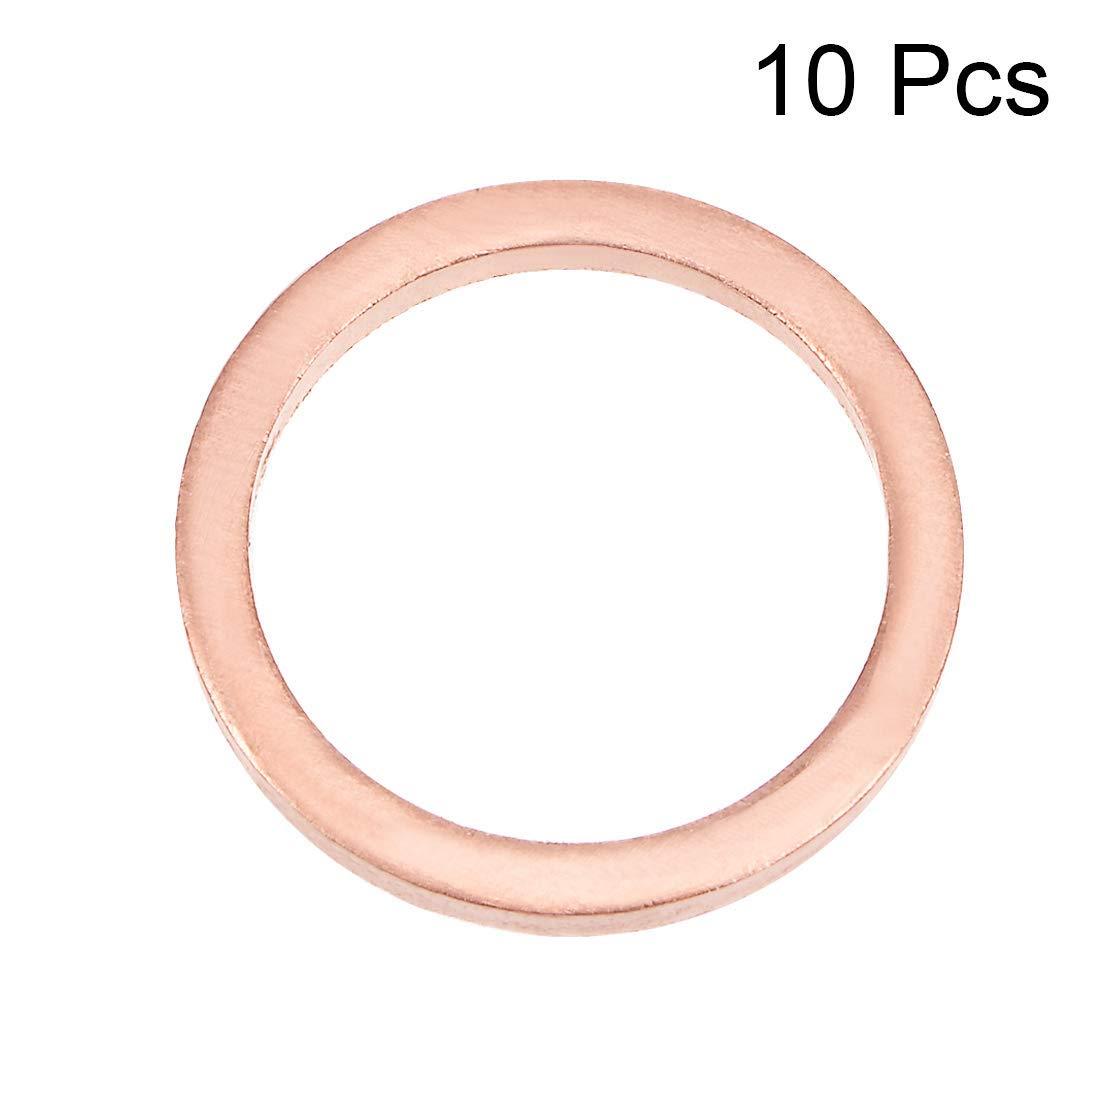 10Pcs 16mm x 20mm x 2mm Flat Copper Screw Washer